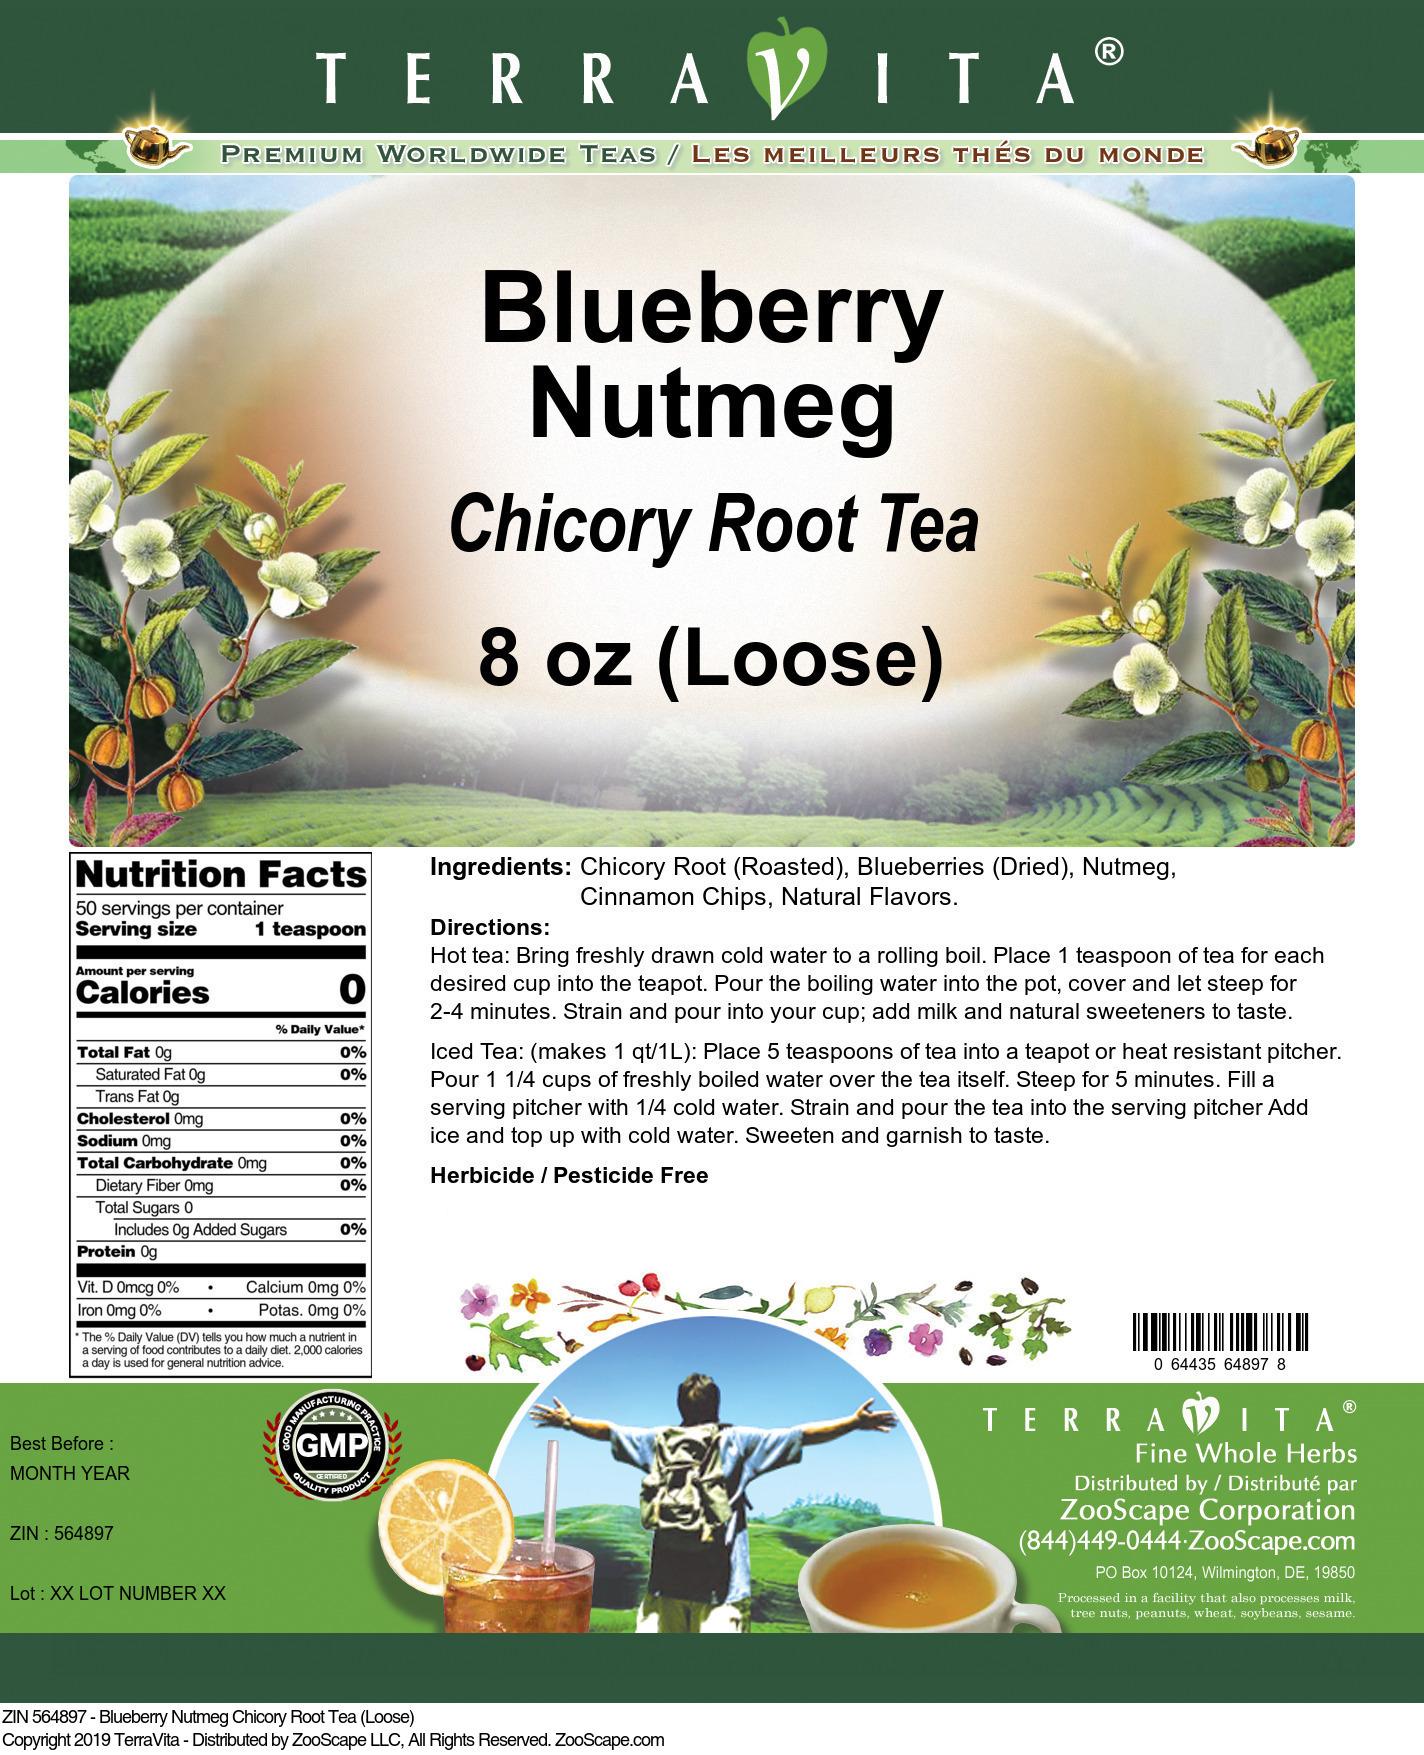 Blueberry Nutmeg Chicory Root